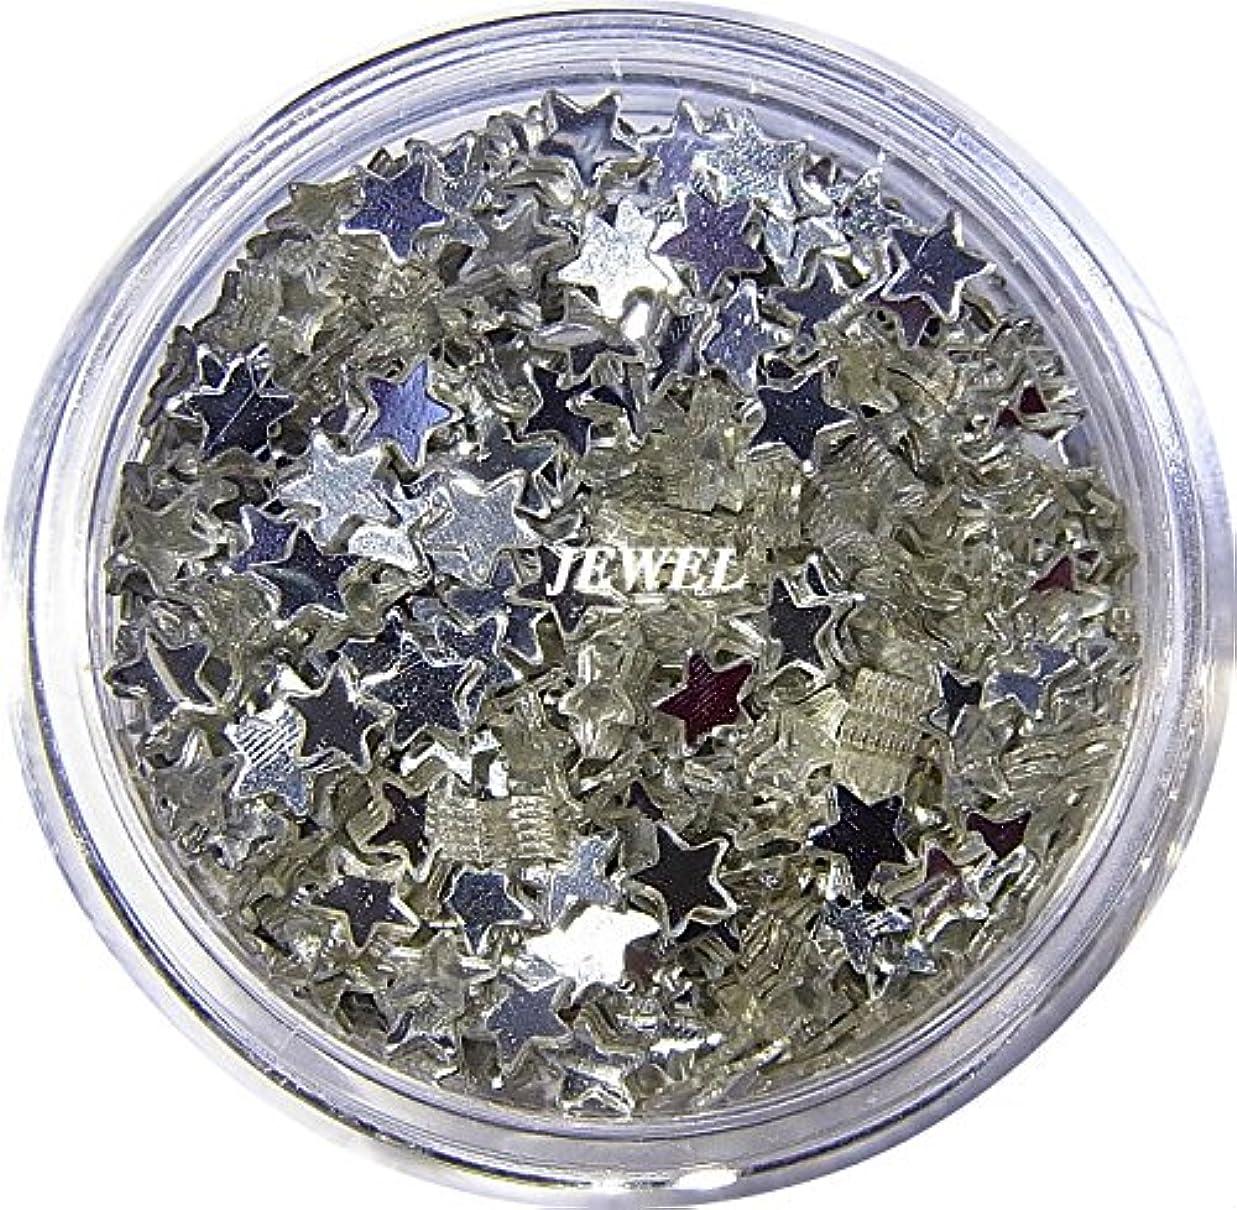 自治的代表する人類【jewel】 星ホログラム 2.5mm シルバー スター 2g入り レジン&ネイル用